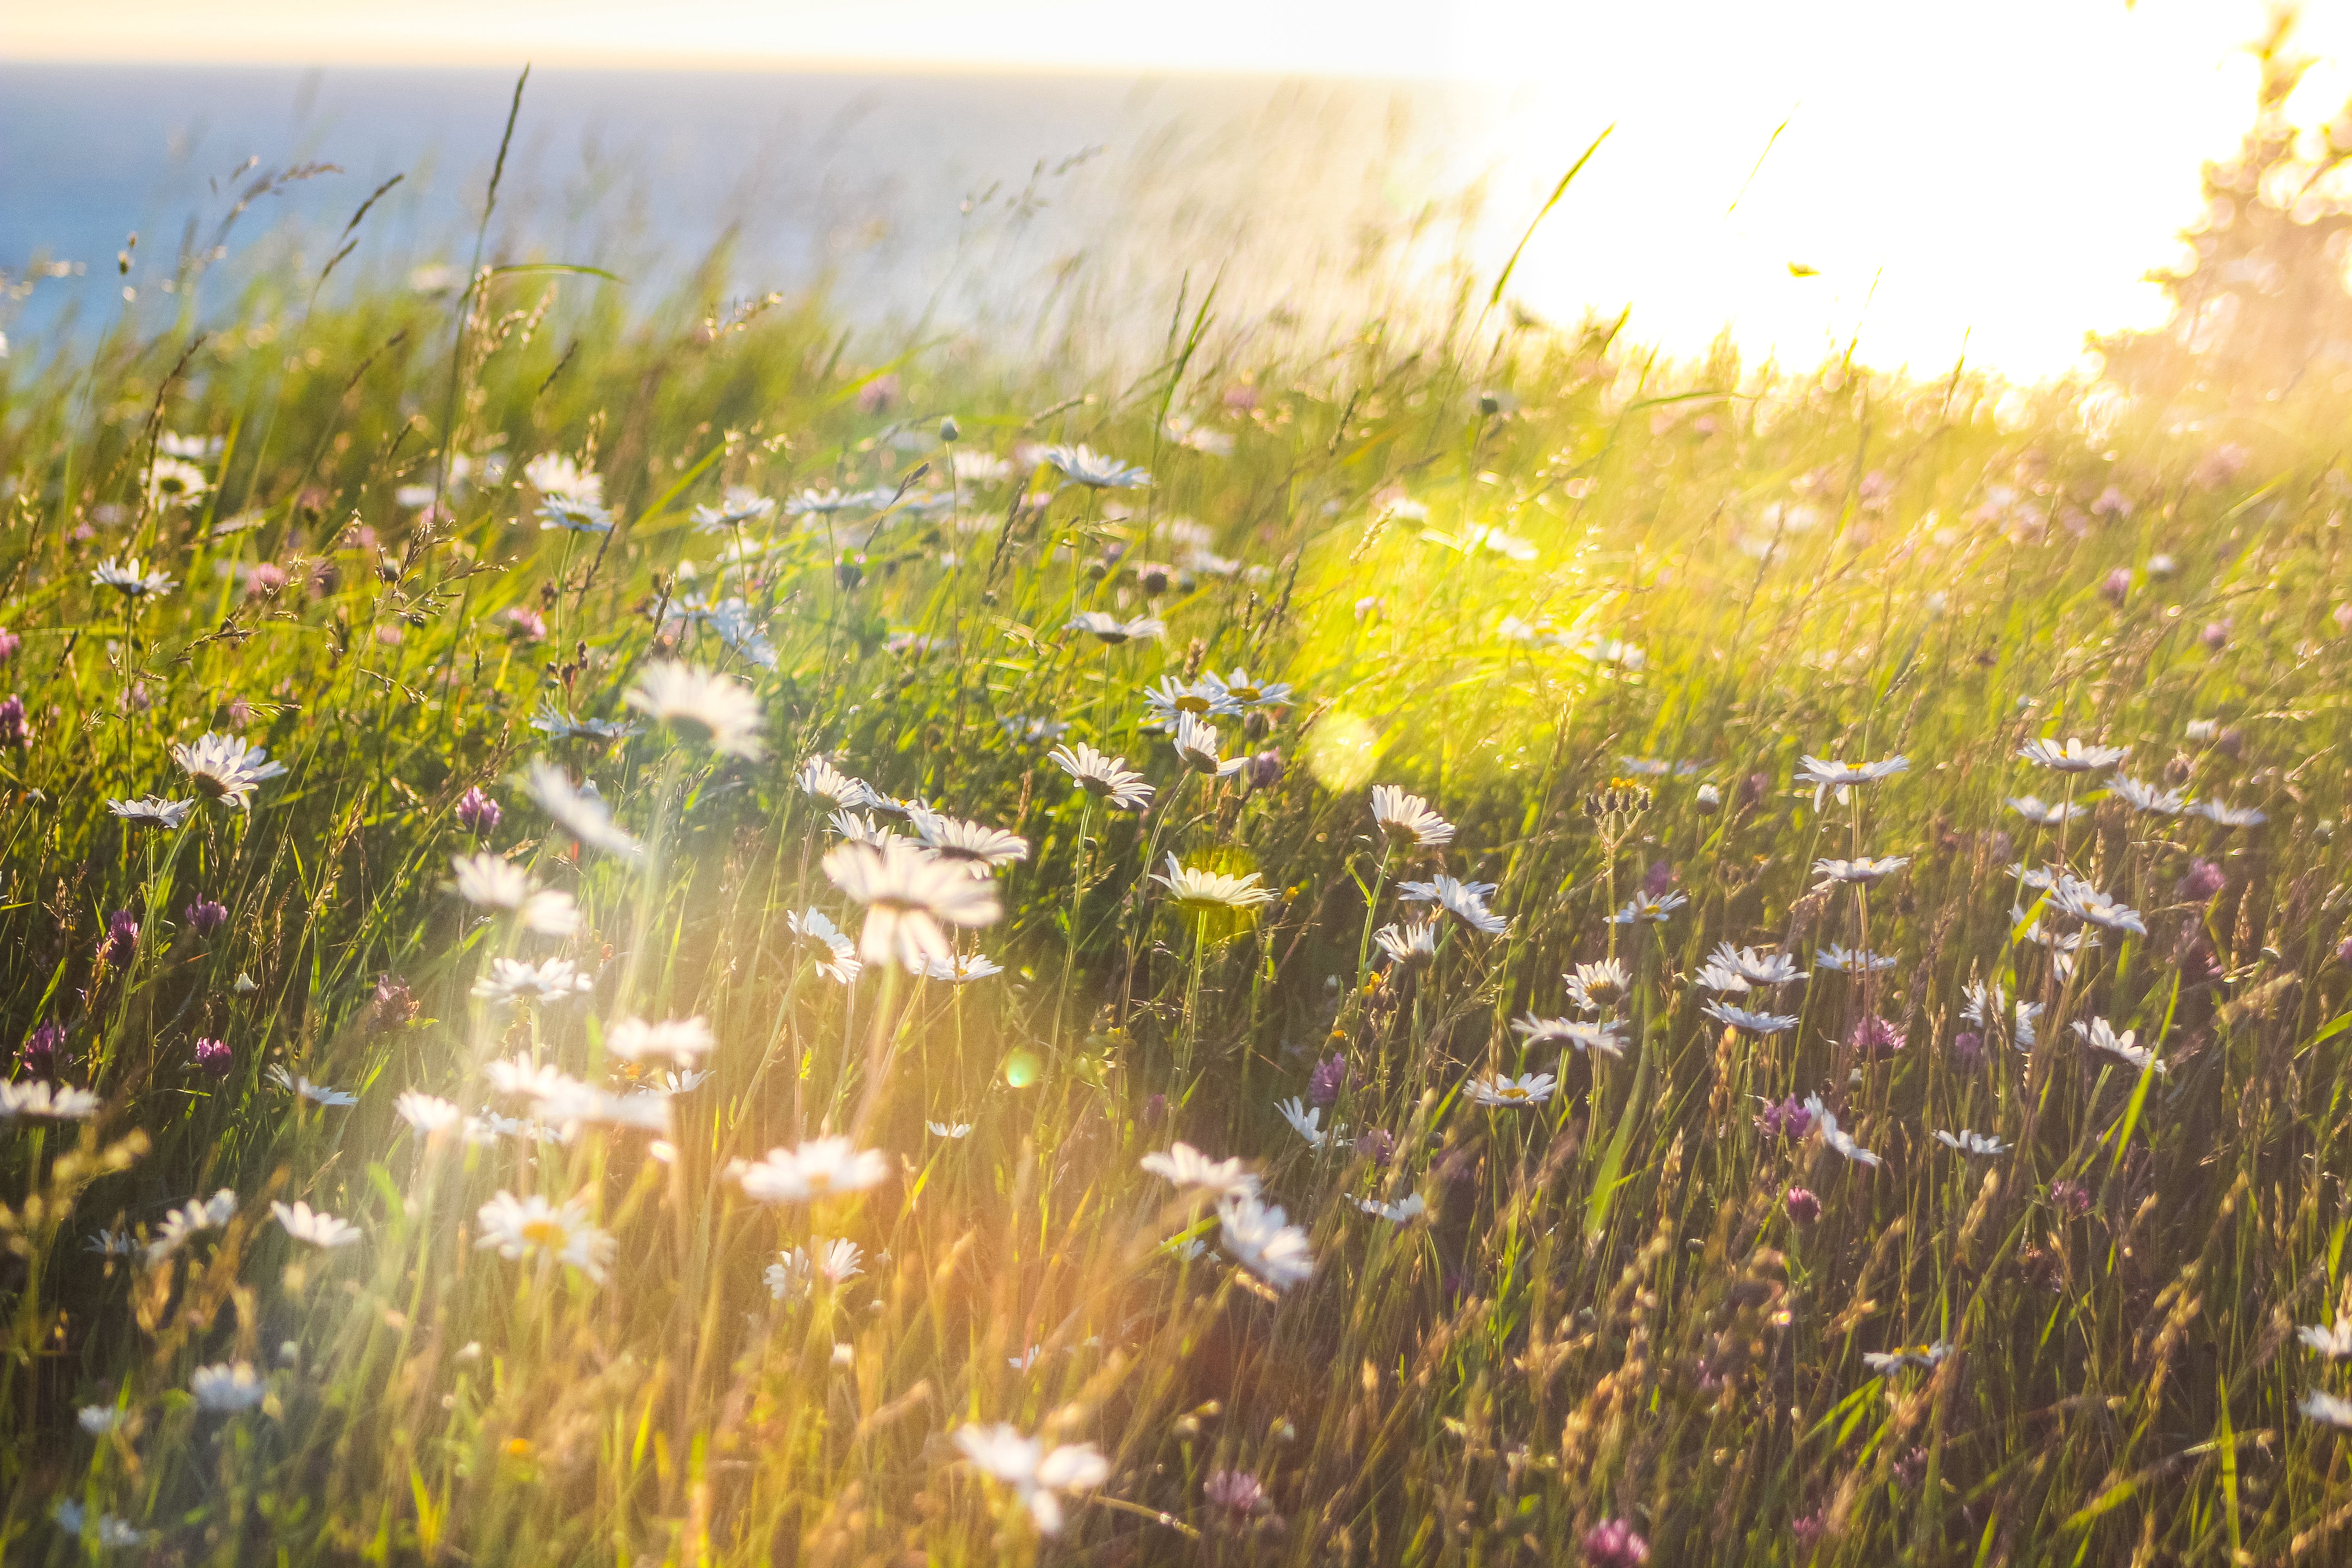 Fotos de stock gratuitas de campo, césped, durante el día, flora